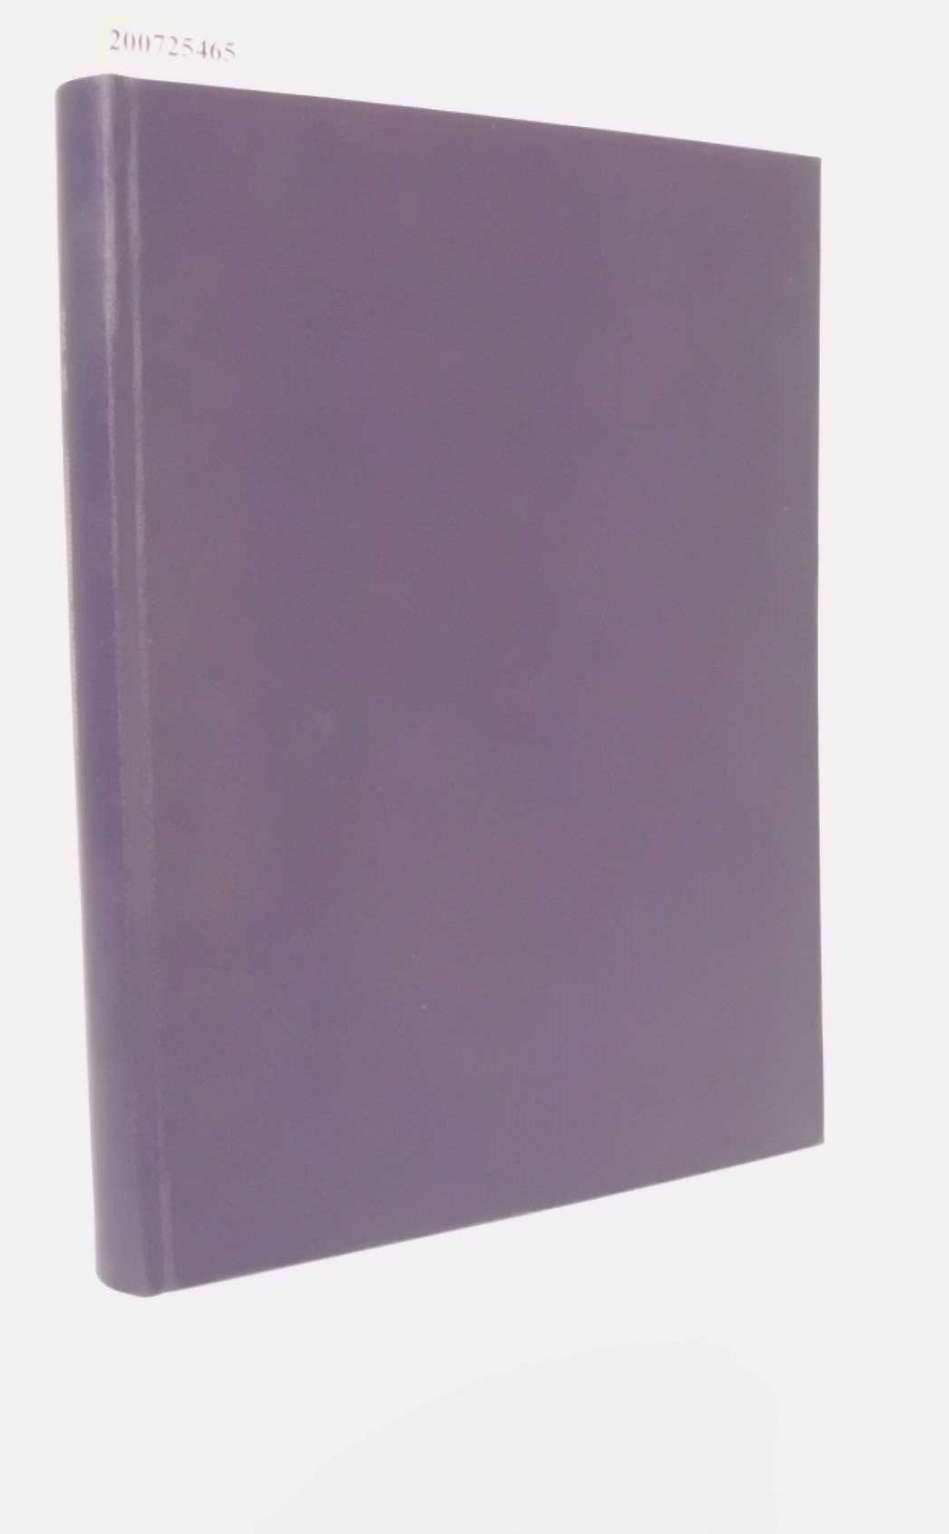 Nachrichten für Dokumentation herausgegeben von der Deutschen Gesellschaft für Dokumentation e. V. , 24.Jahrgang 1973 Zeitschrift für Information und Dokumentation